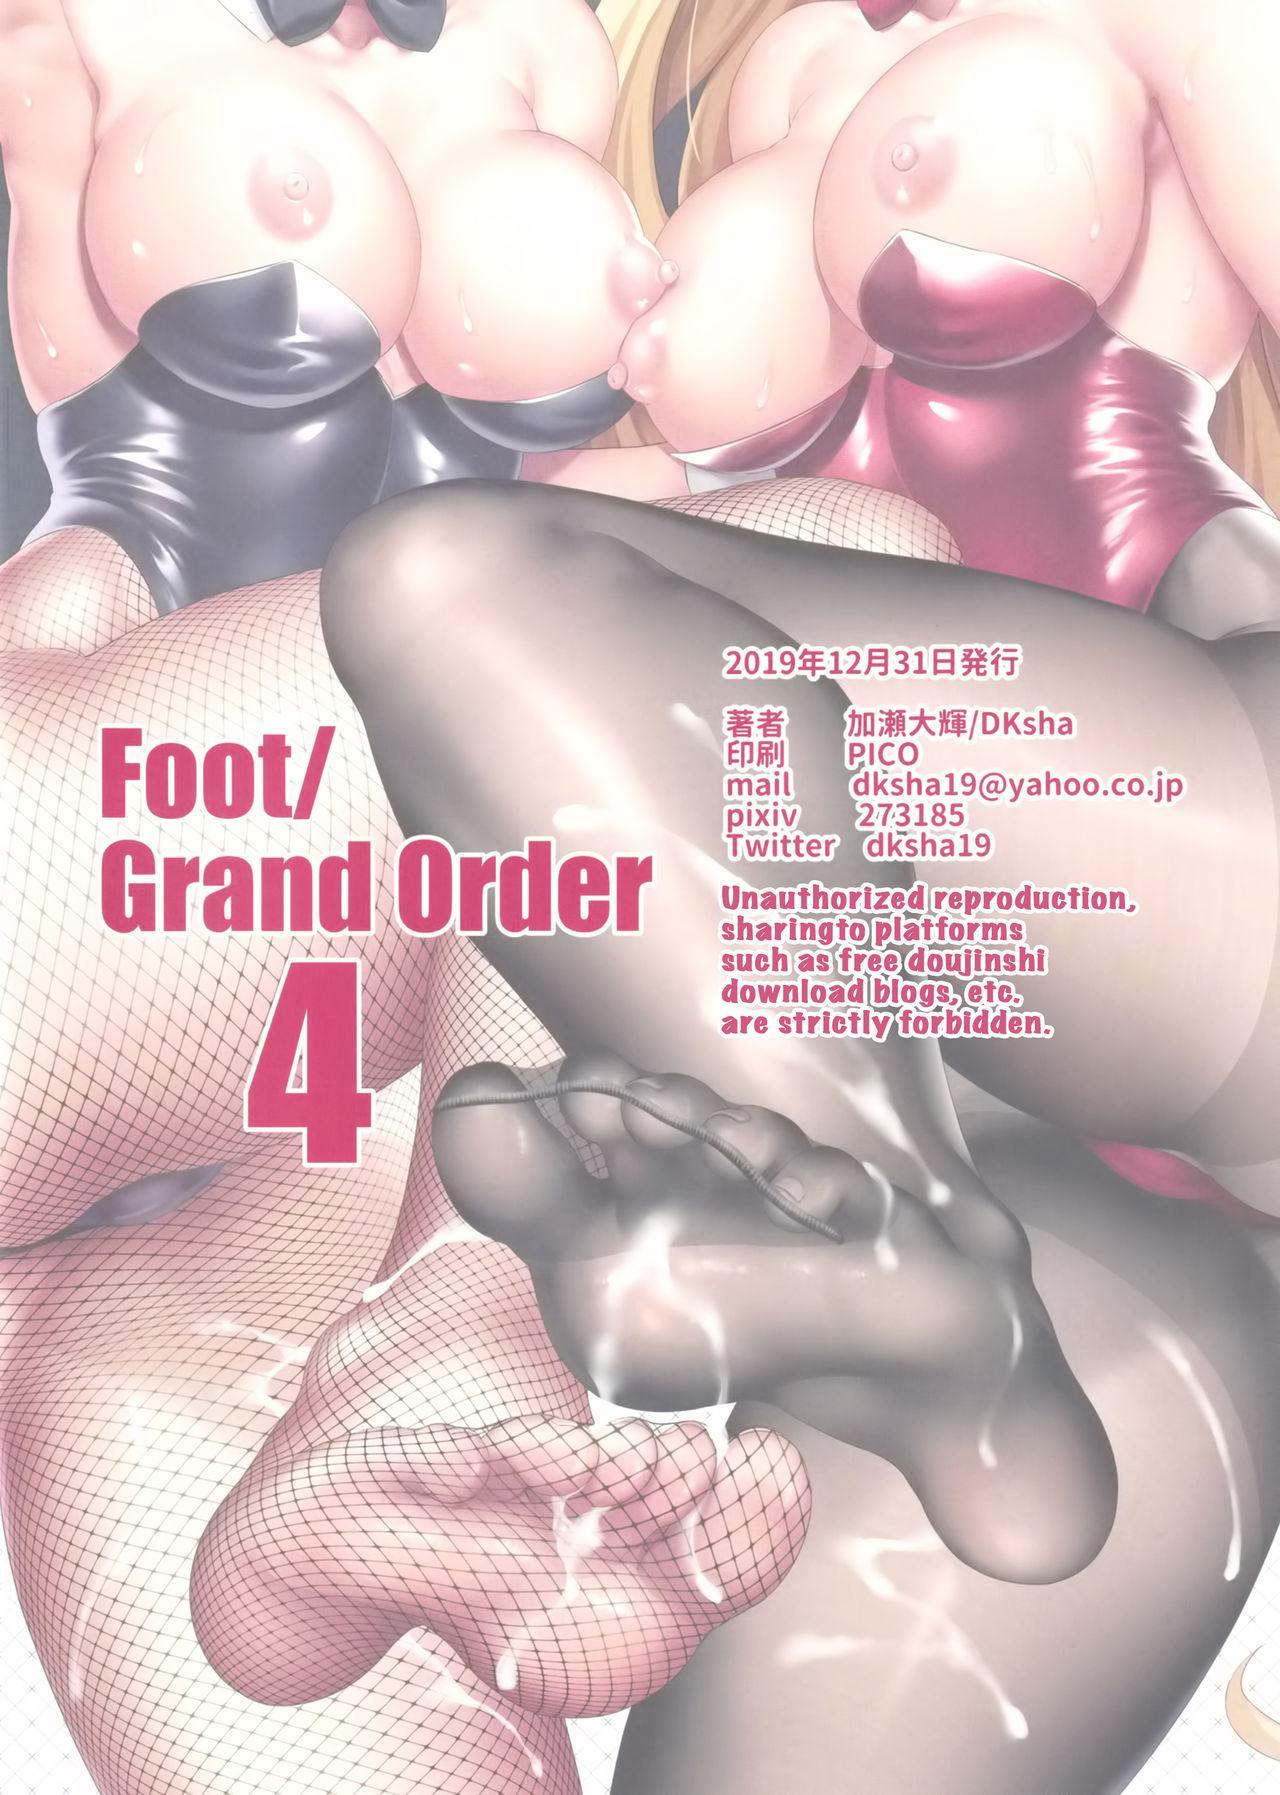 Foot/Grand Order 4 23